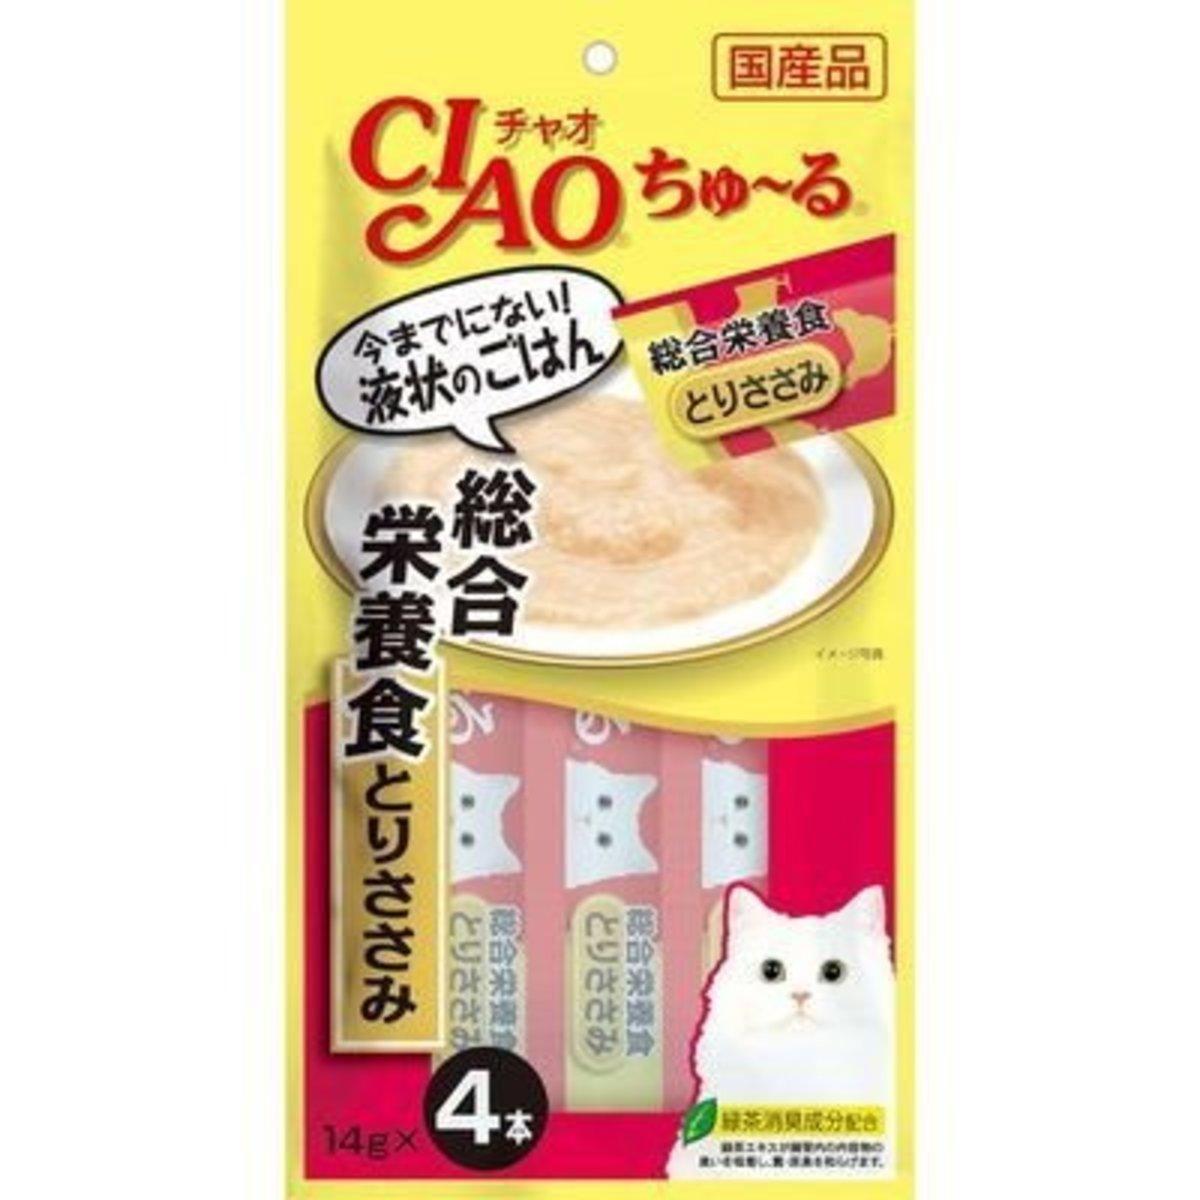 貓貓CIAO醬包-雞肉 14g x4本